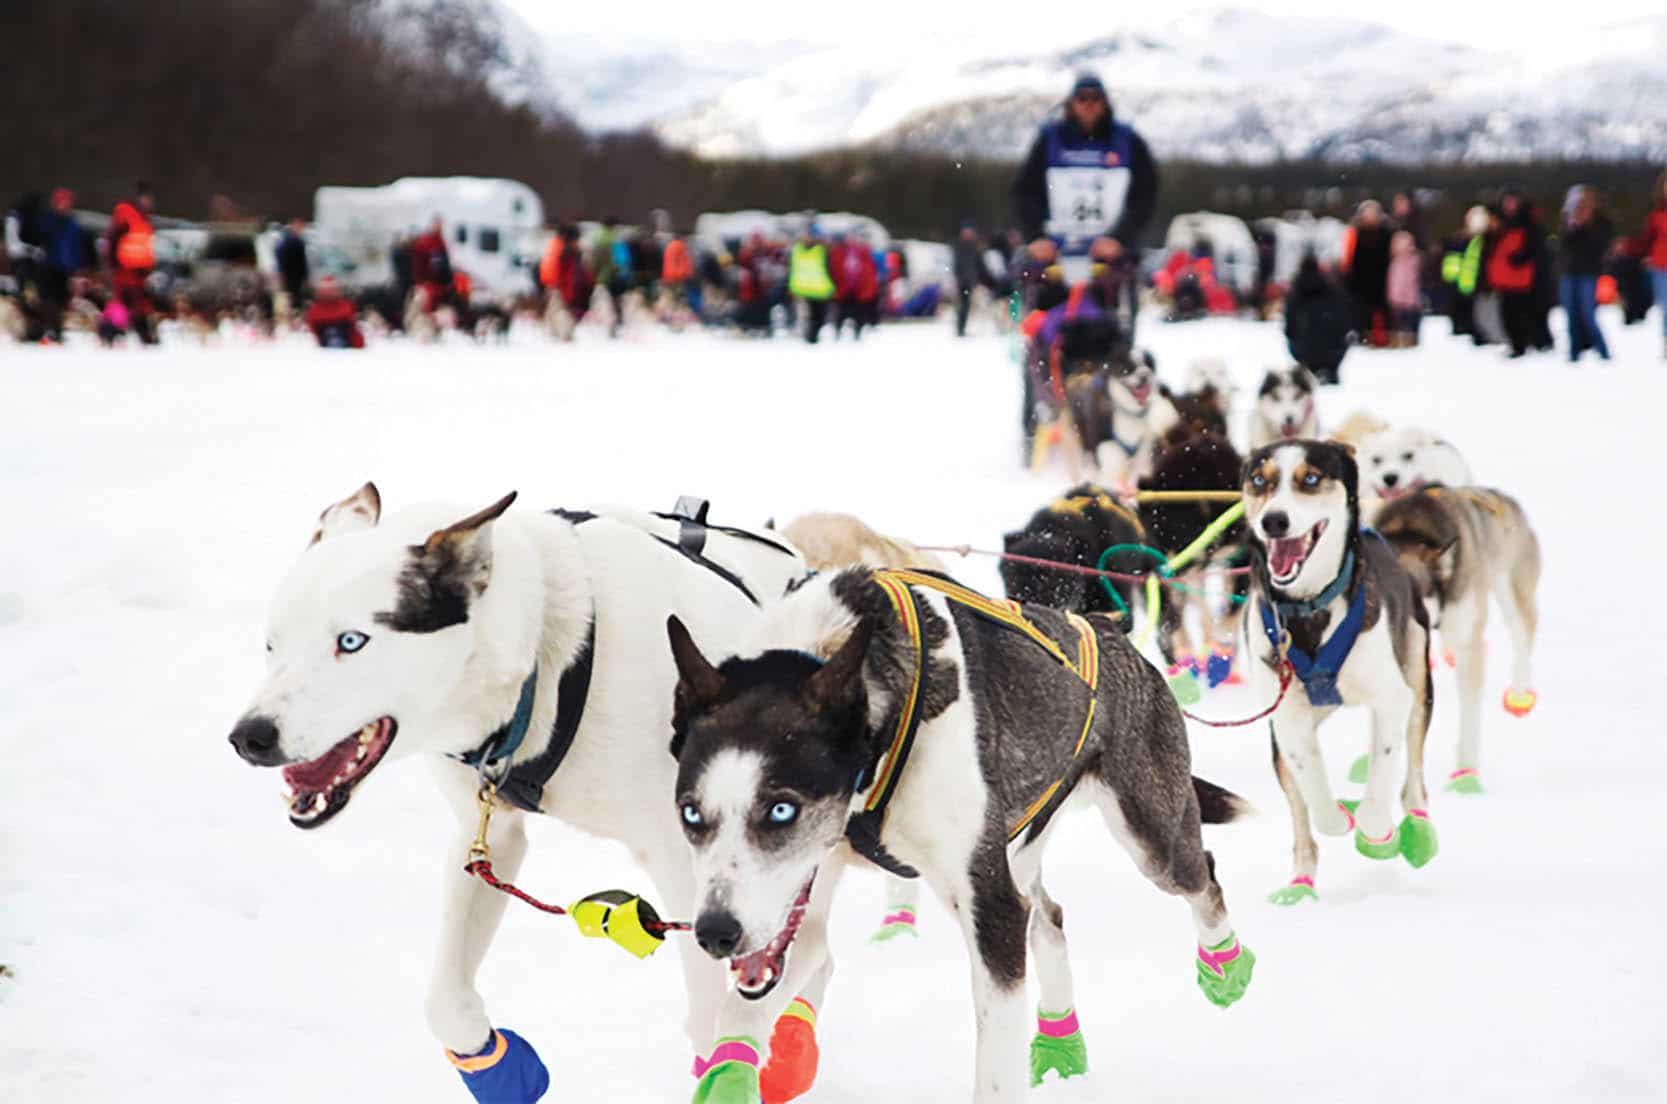 Sledeløp med hunder, foto: Pixabay.com